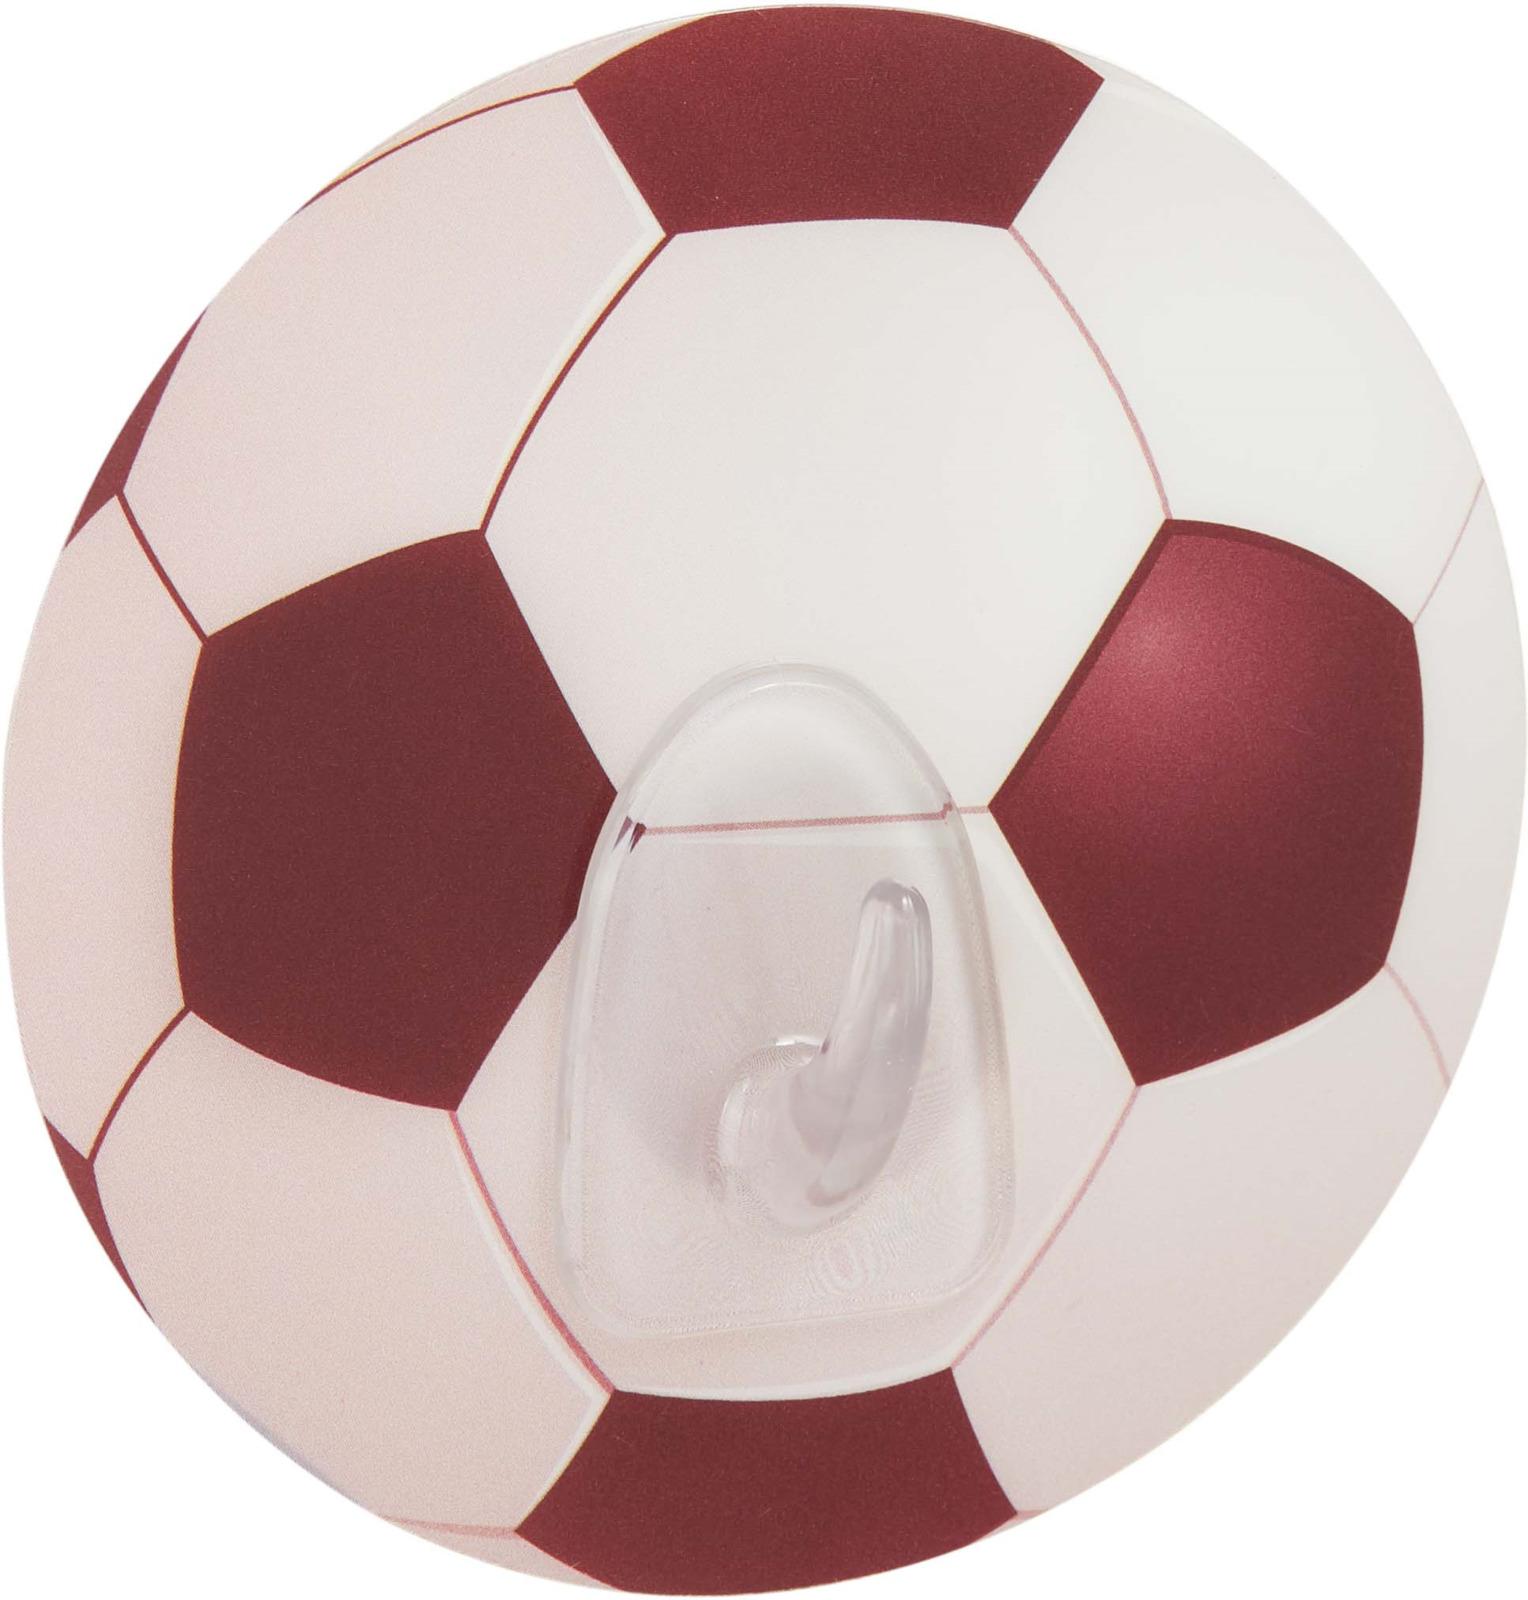 Крючок для ванной Kleber Home Футбол, на силиконовом креплении, kle-hm021, белый стоимость